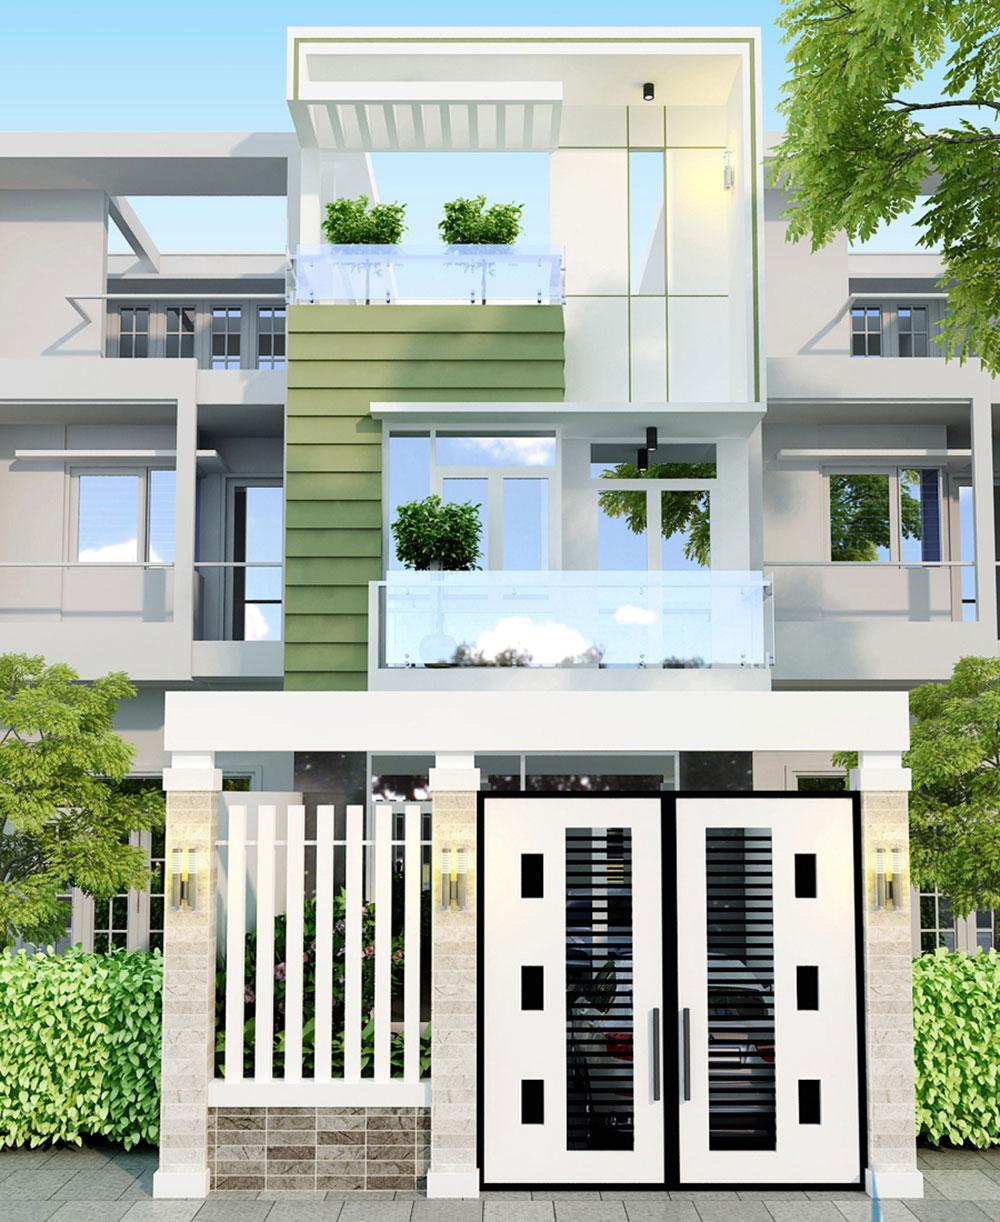 Mẫu nhà phố 3 tầng đẹp, sang trọng hiện đại của Anh Lê Văn Hùng, Đức Hòa, Long An